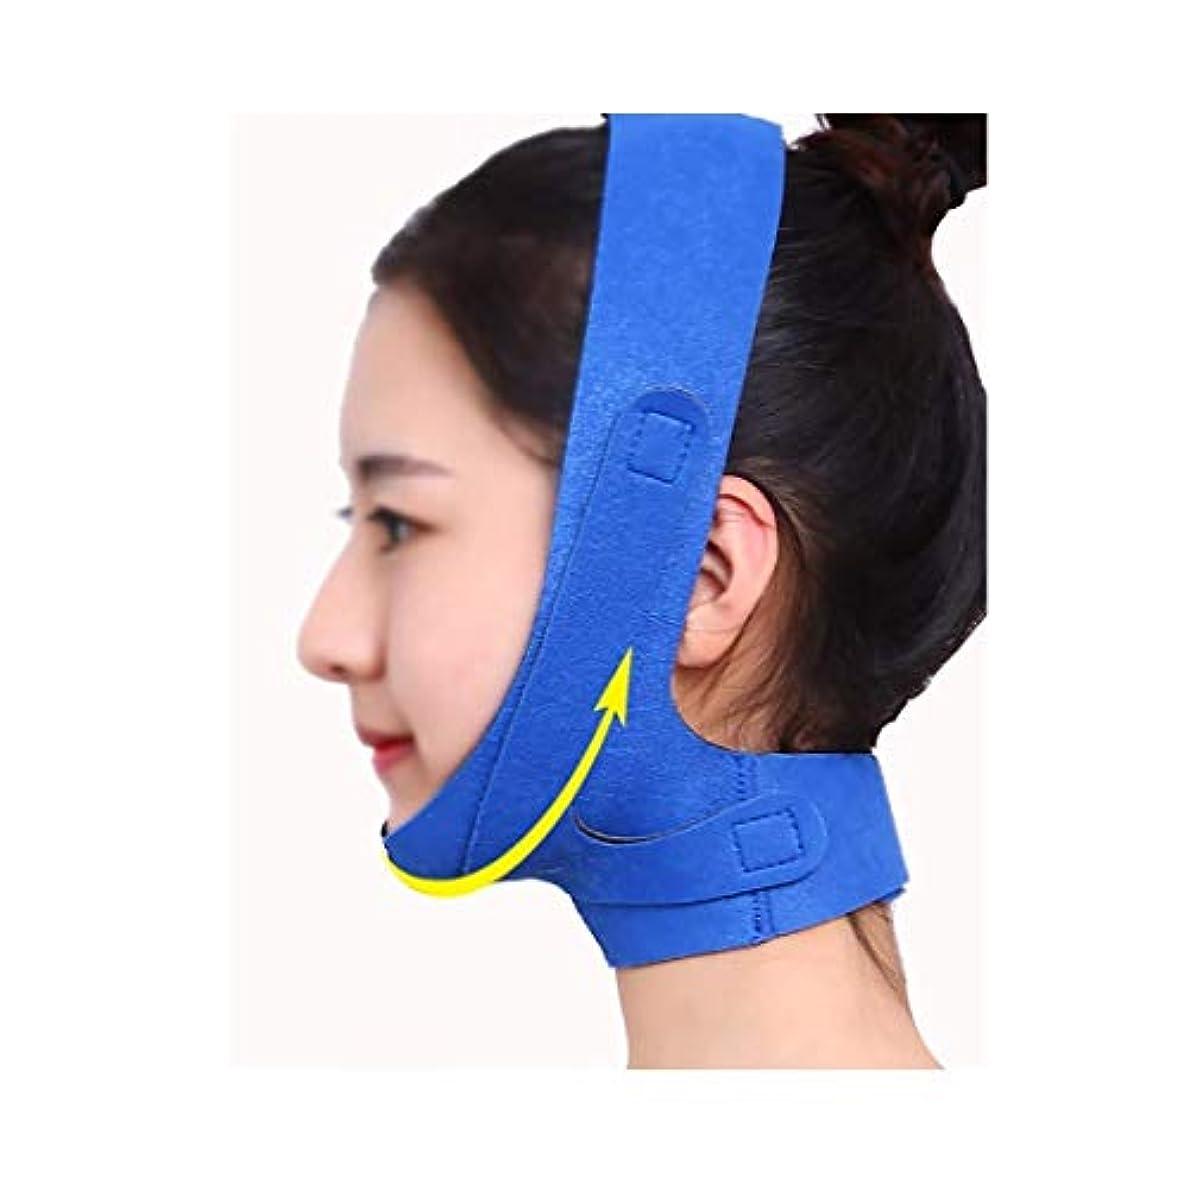 とらえどころのないローブリスクフェイスリフトマスク、あごストラップ回復包帯睡眠薄いフェイスバンデージ薄いフェイスマスクフェイスリフトアーティファクトフェイスリフト美容マスク包帯青いフェイスマスクで小さなV顔を強化するには